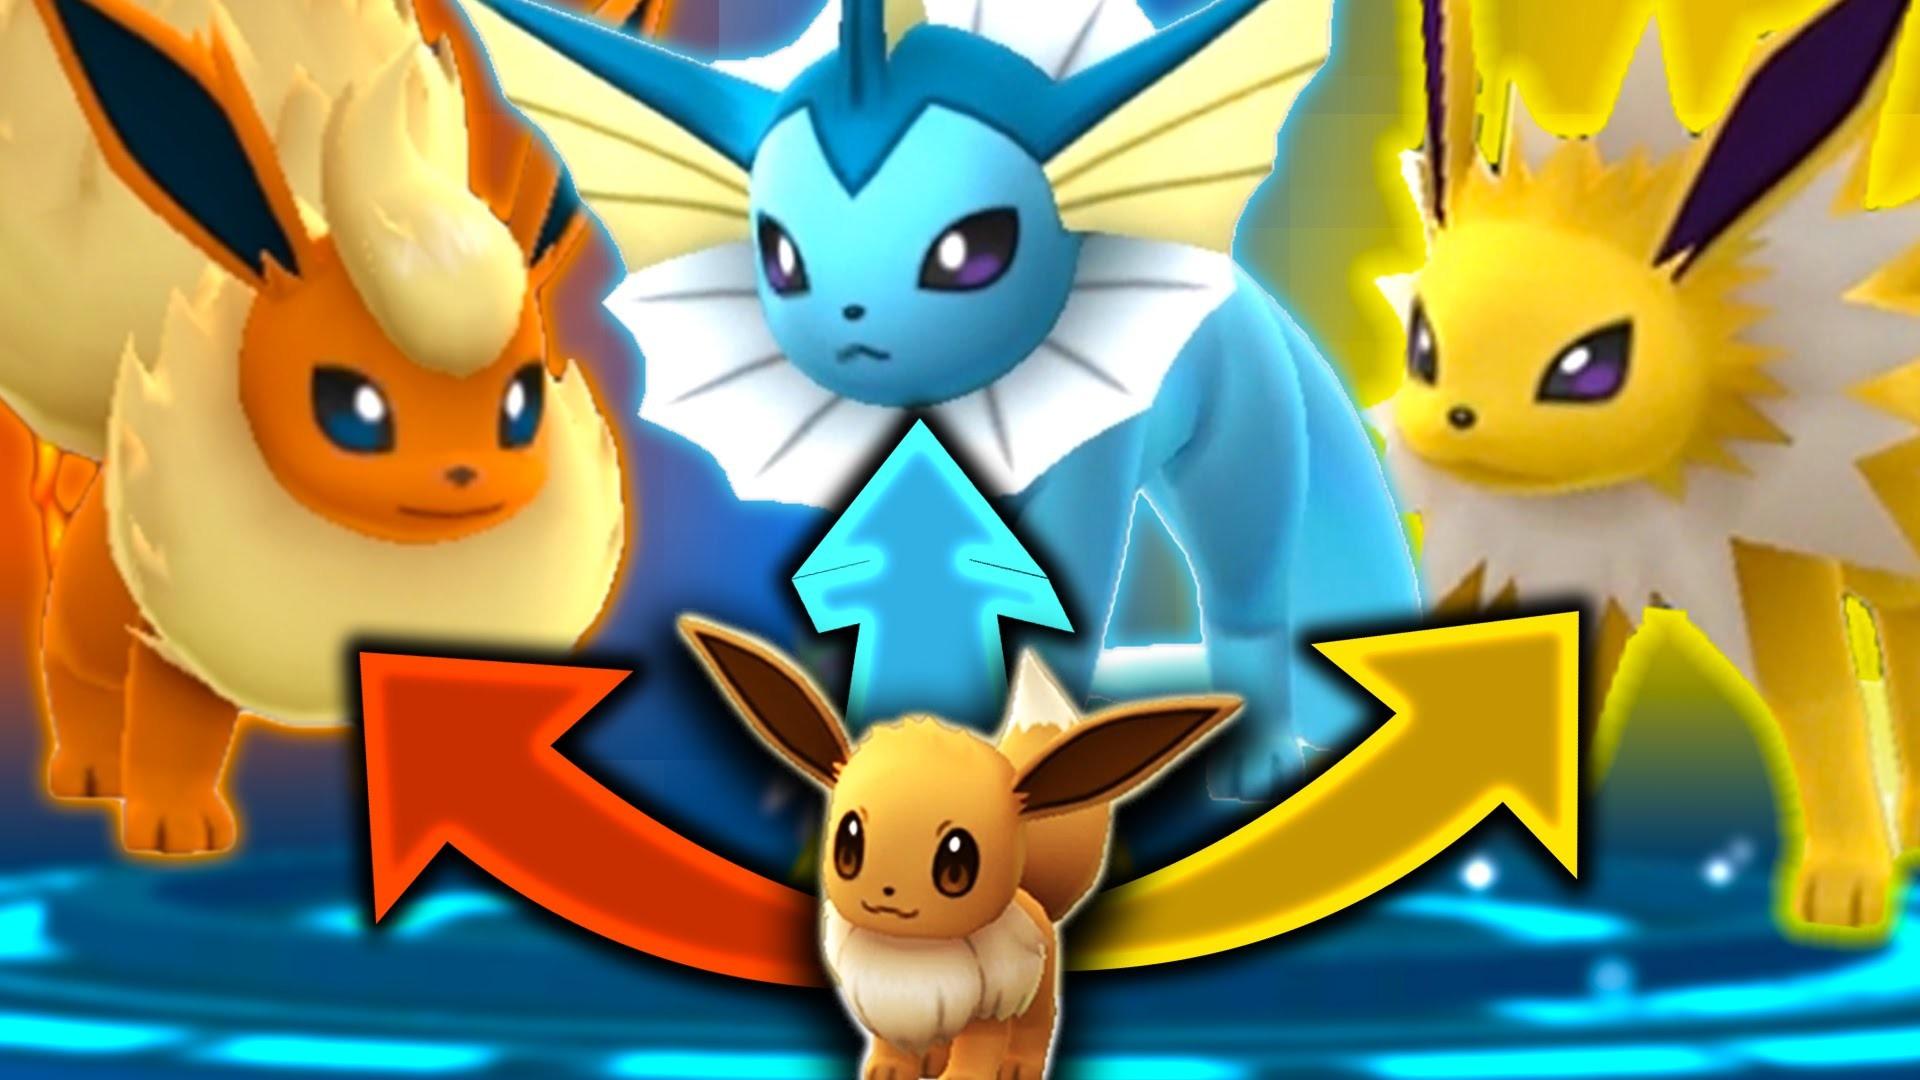 Pokemon GO – SECRET EEVEE EVOLUTION TRICK! (GET ALL 3 EEVEELUTIONS) –  YouTube